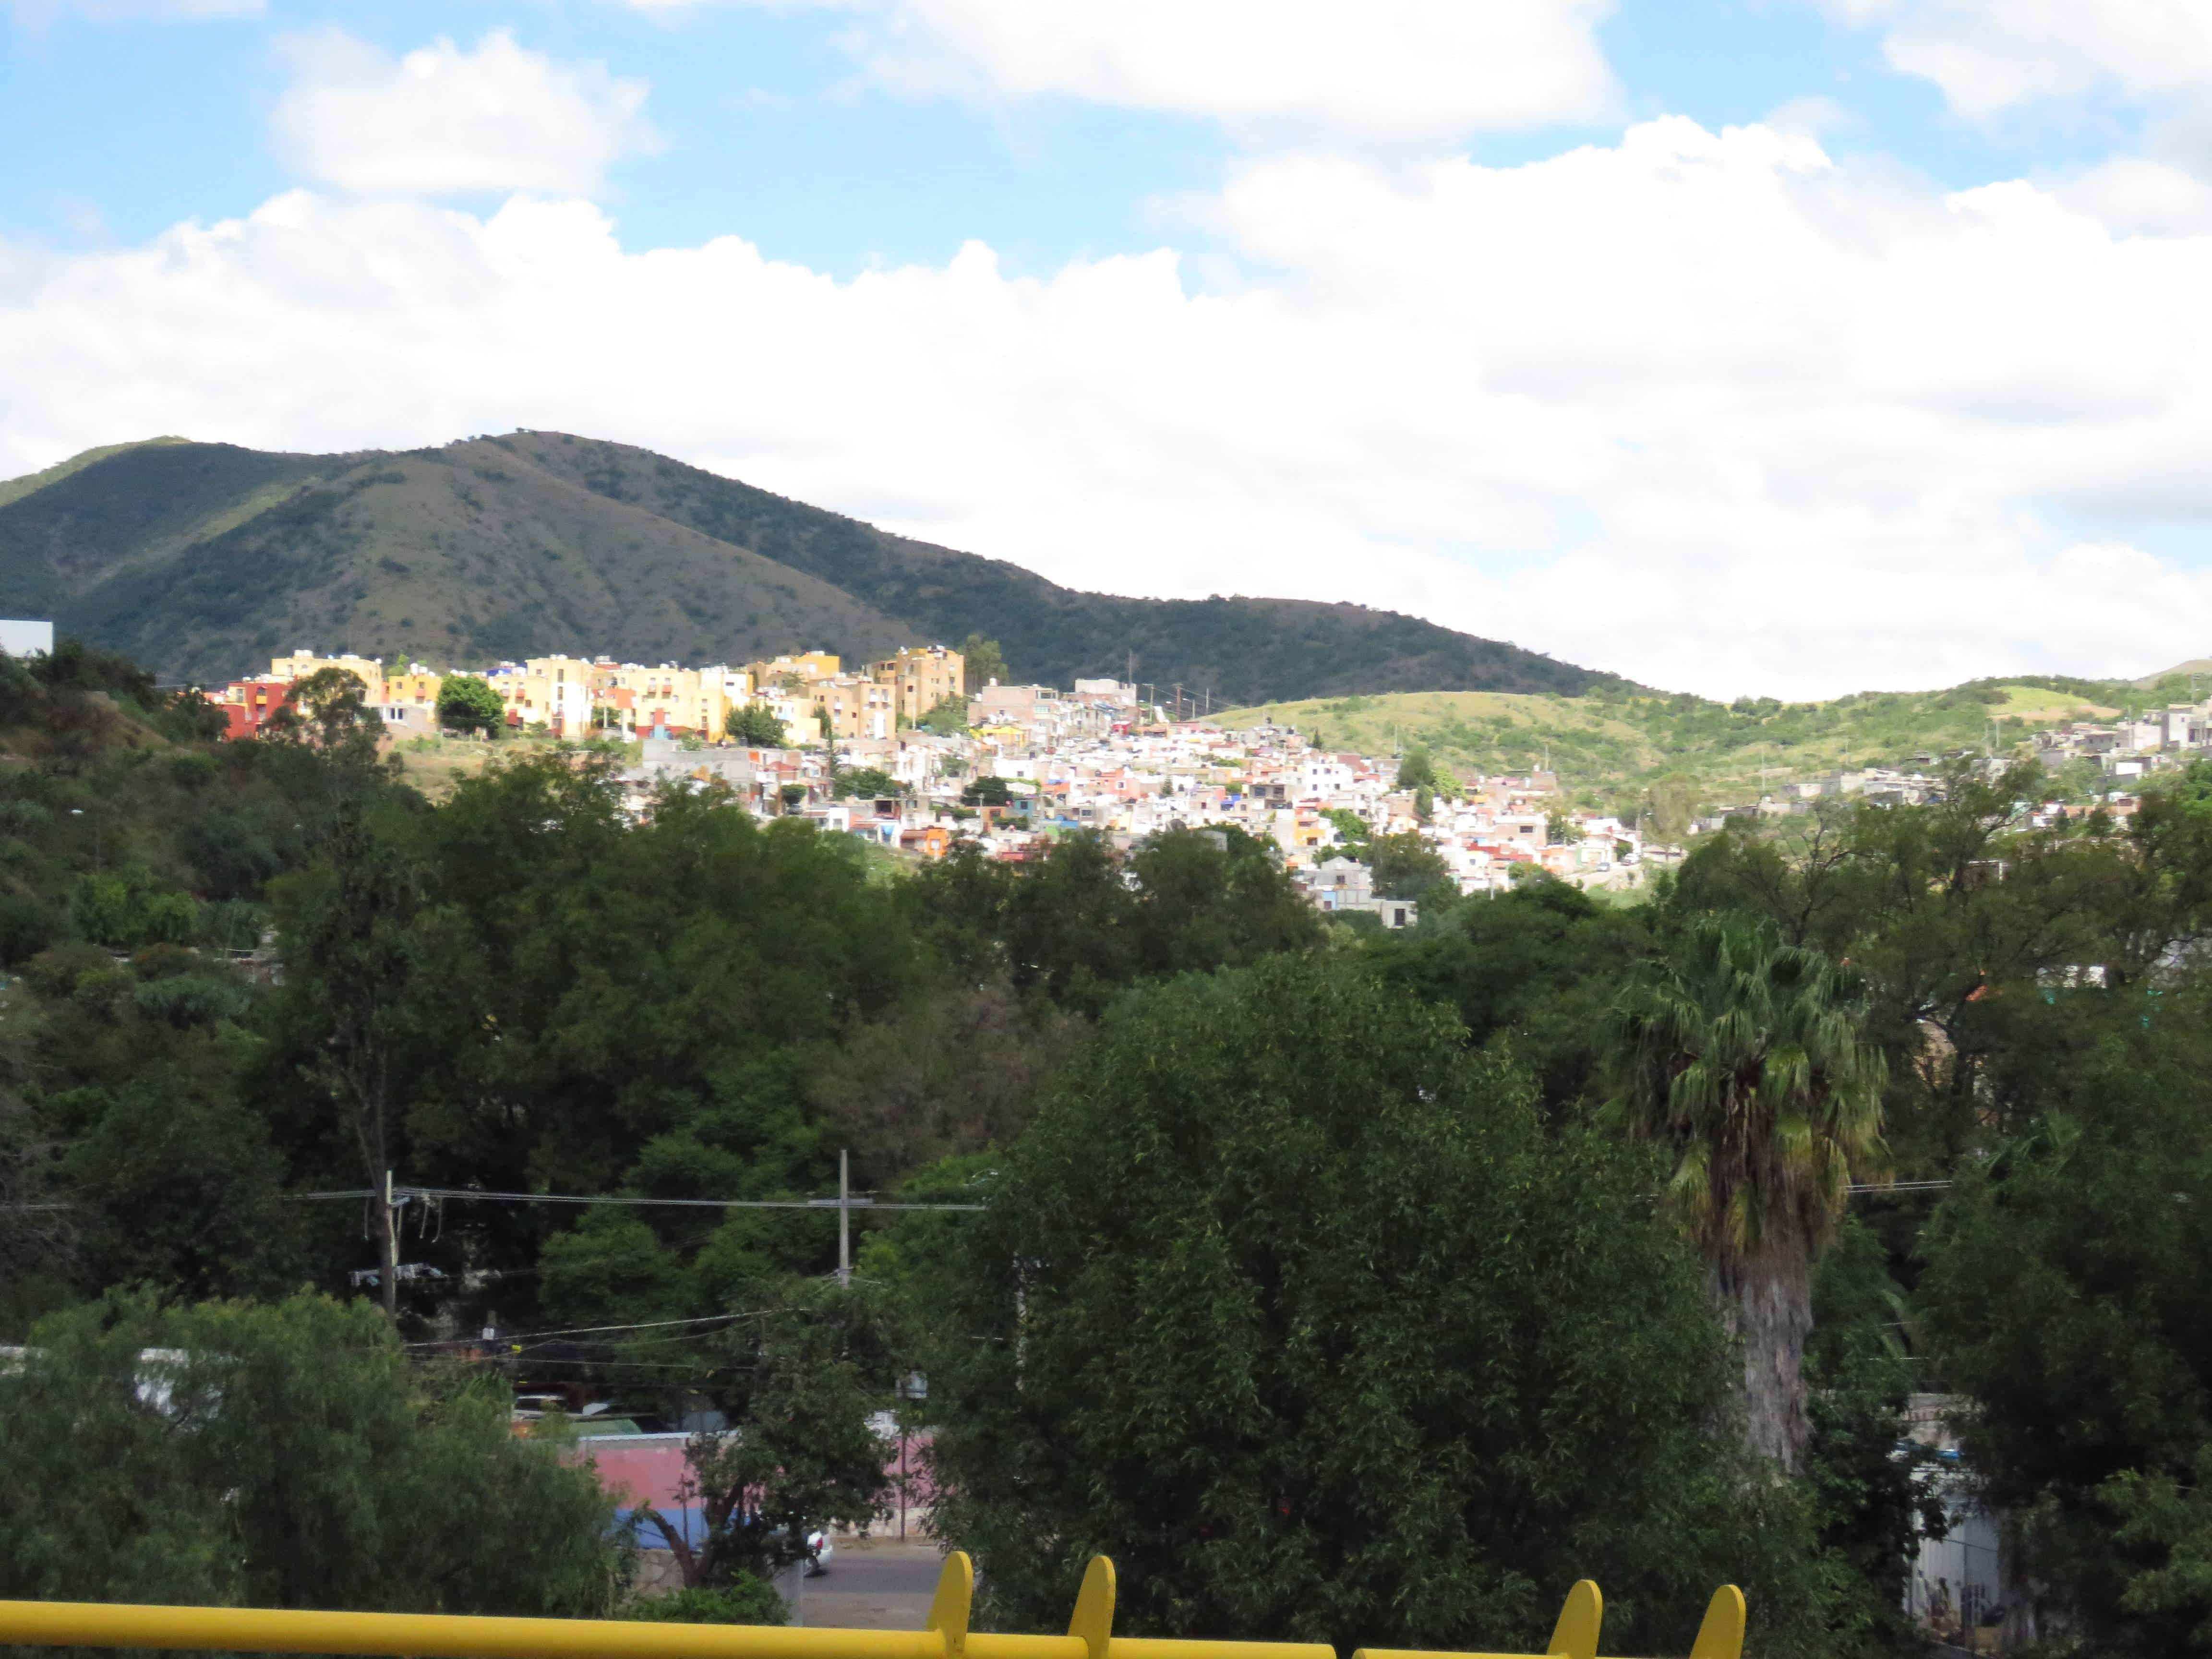 guanajuato- here we come